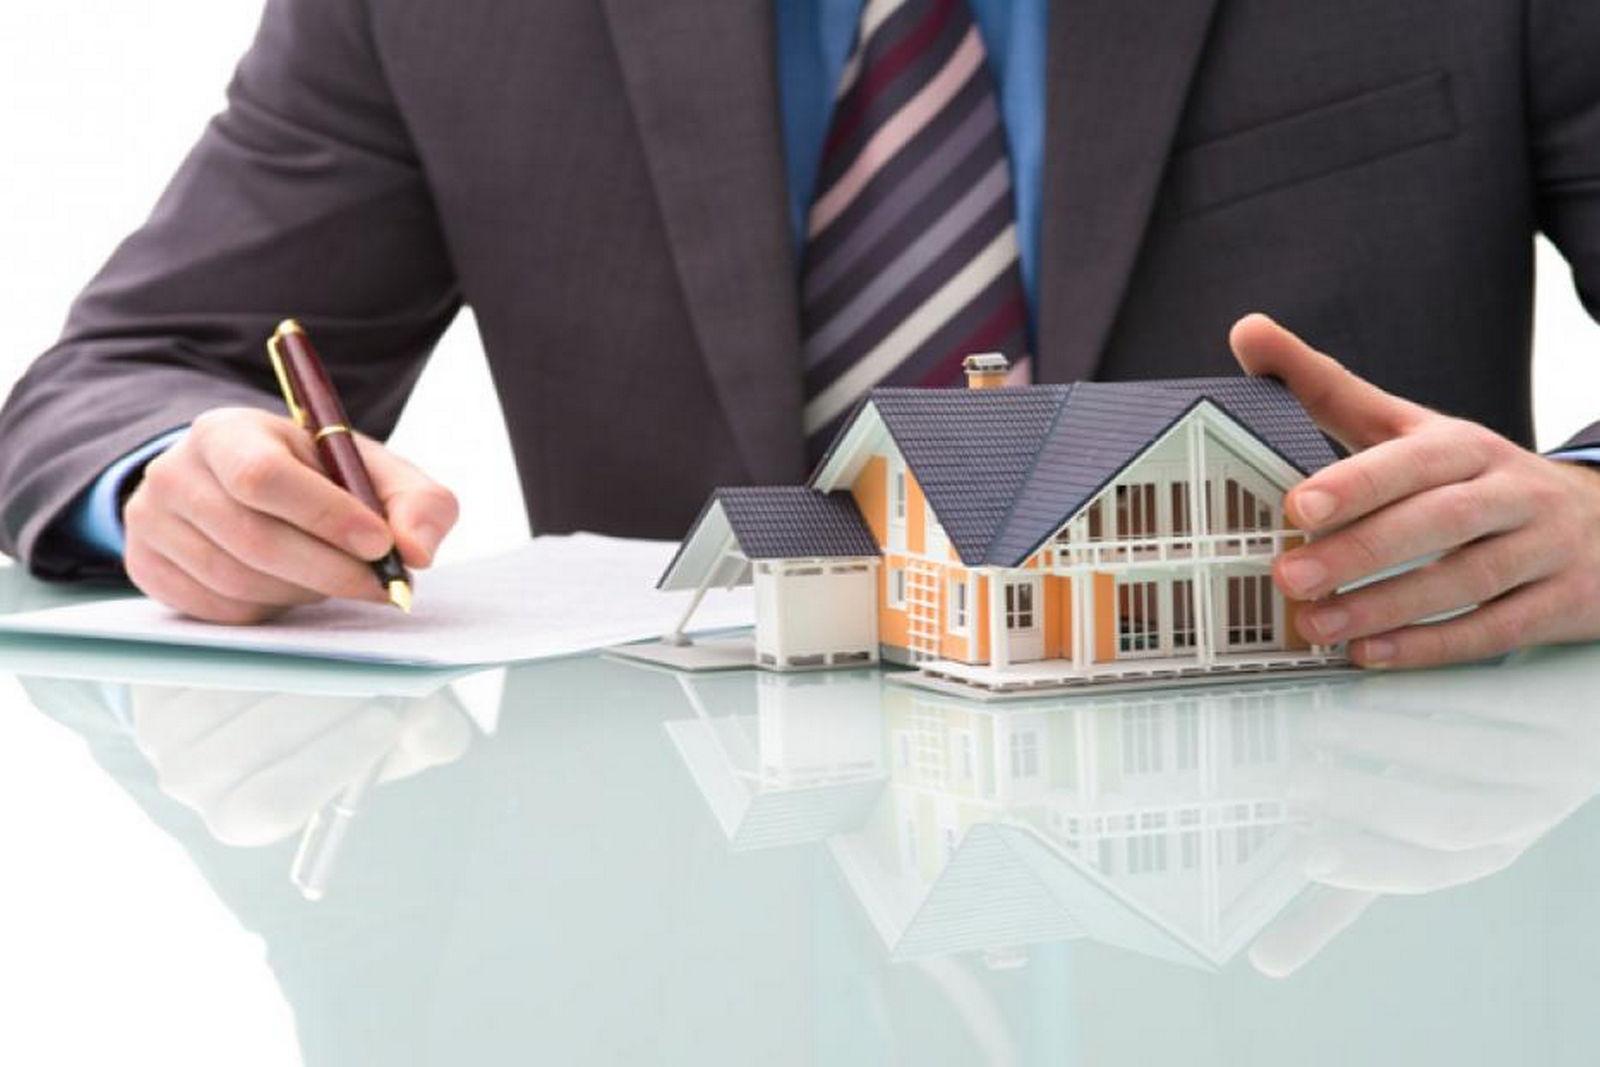 В России запретят проводить сделки с недвижимостью, по которой есть задолженность